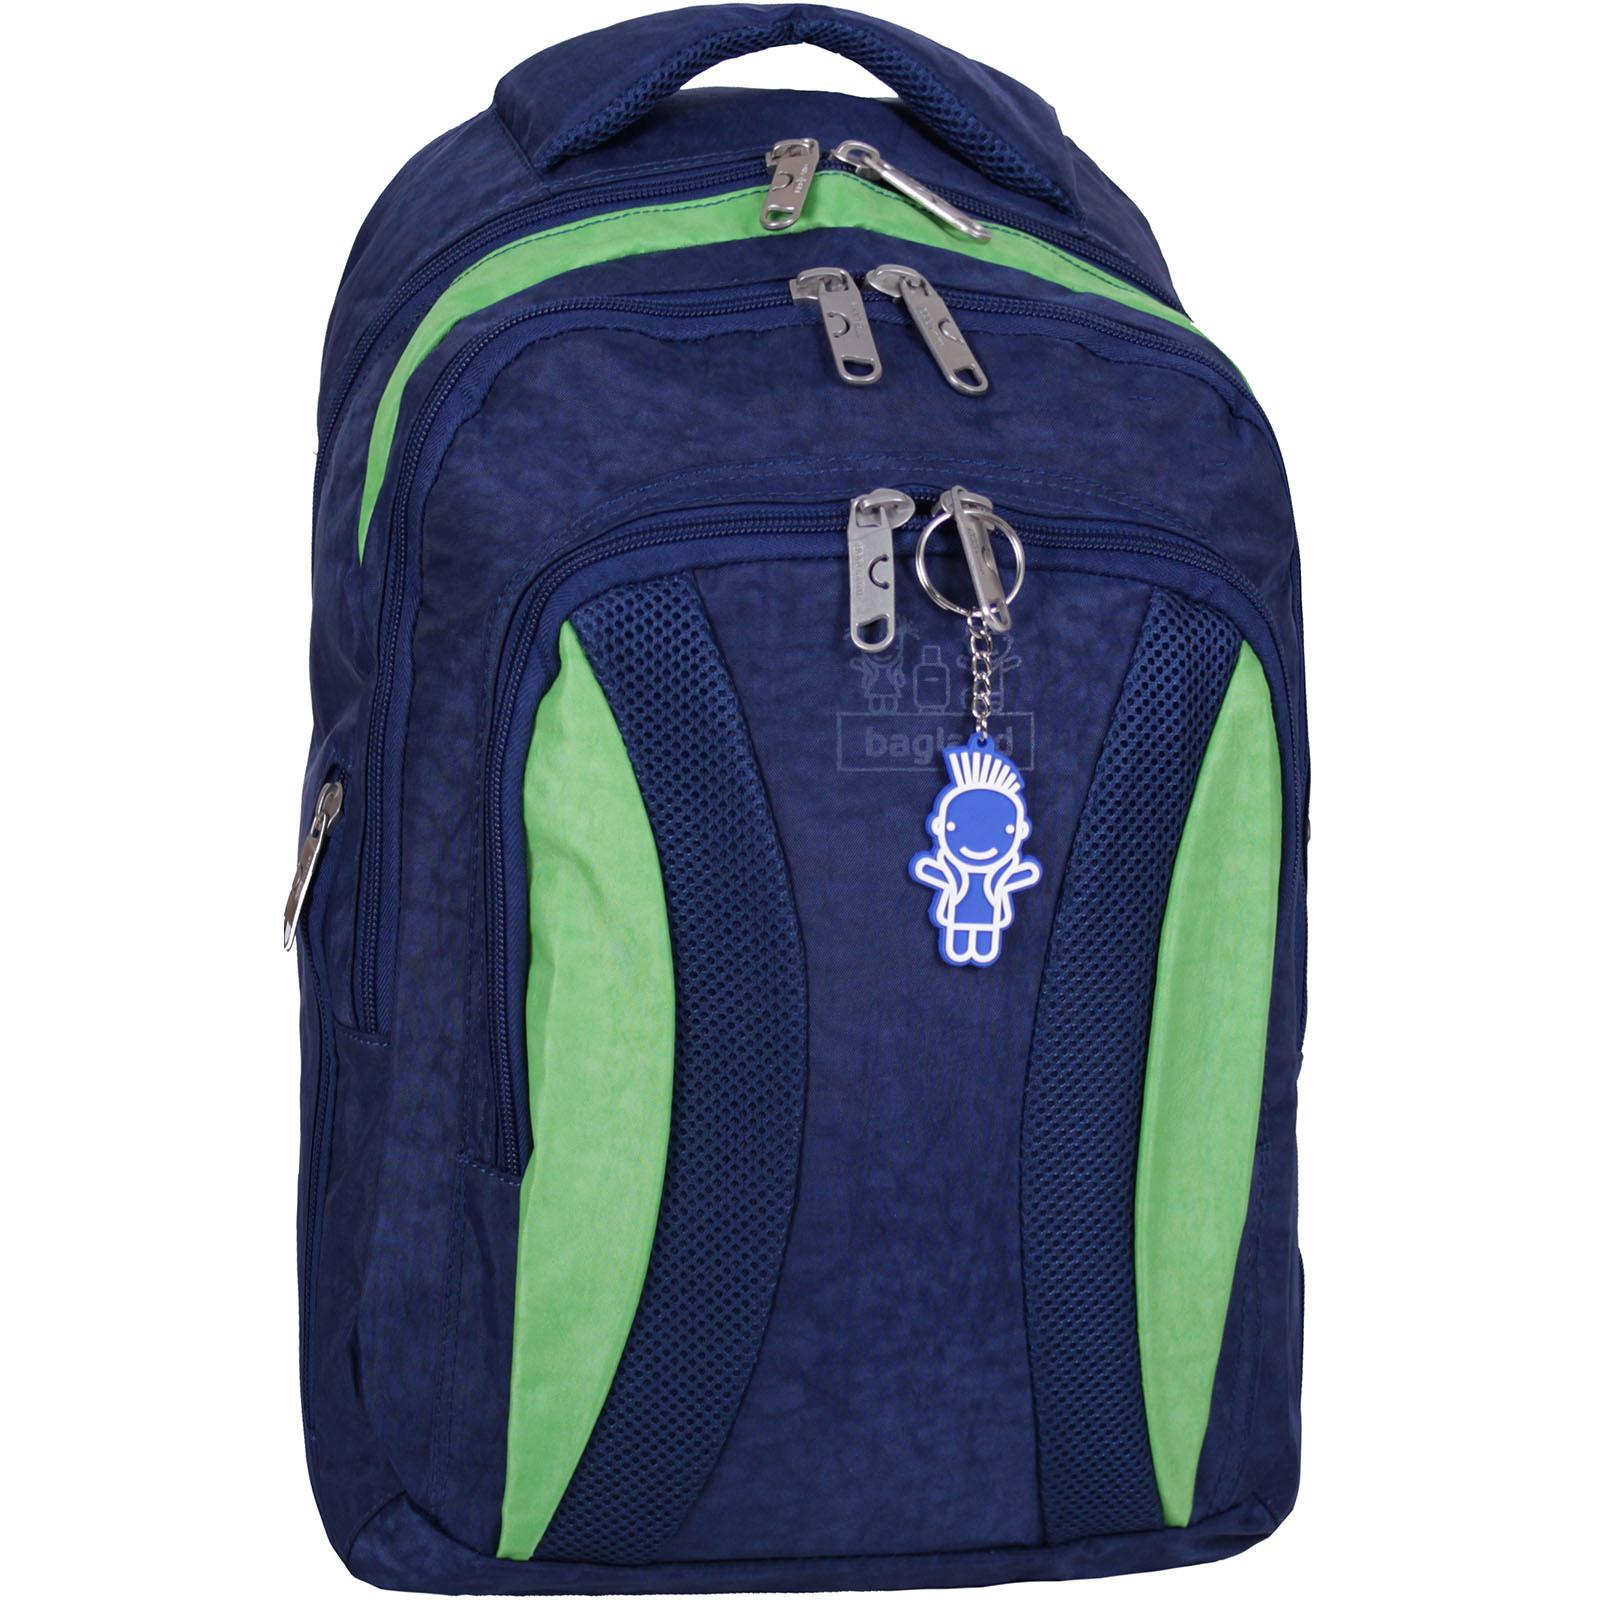 Городские рюкзаки Рюкзак Bagland Драйв 29 л. Синий / салатовый (0018970) IMG_2135.JPG